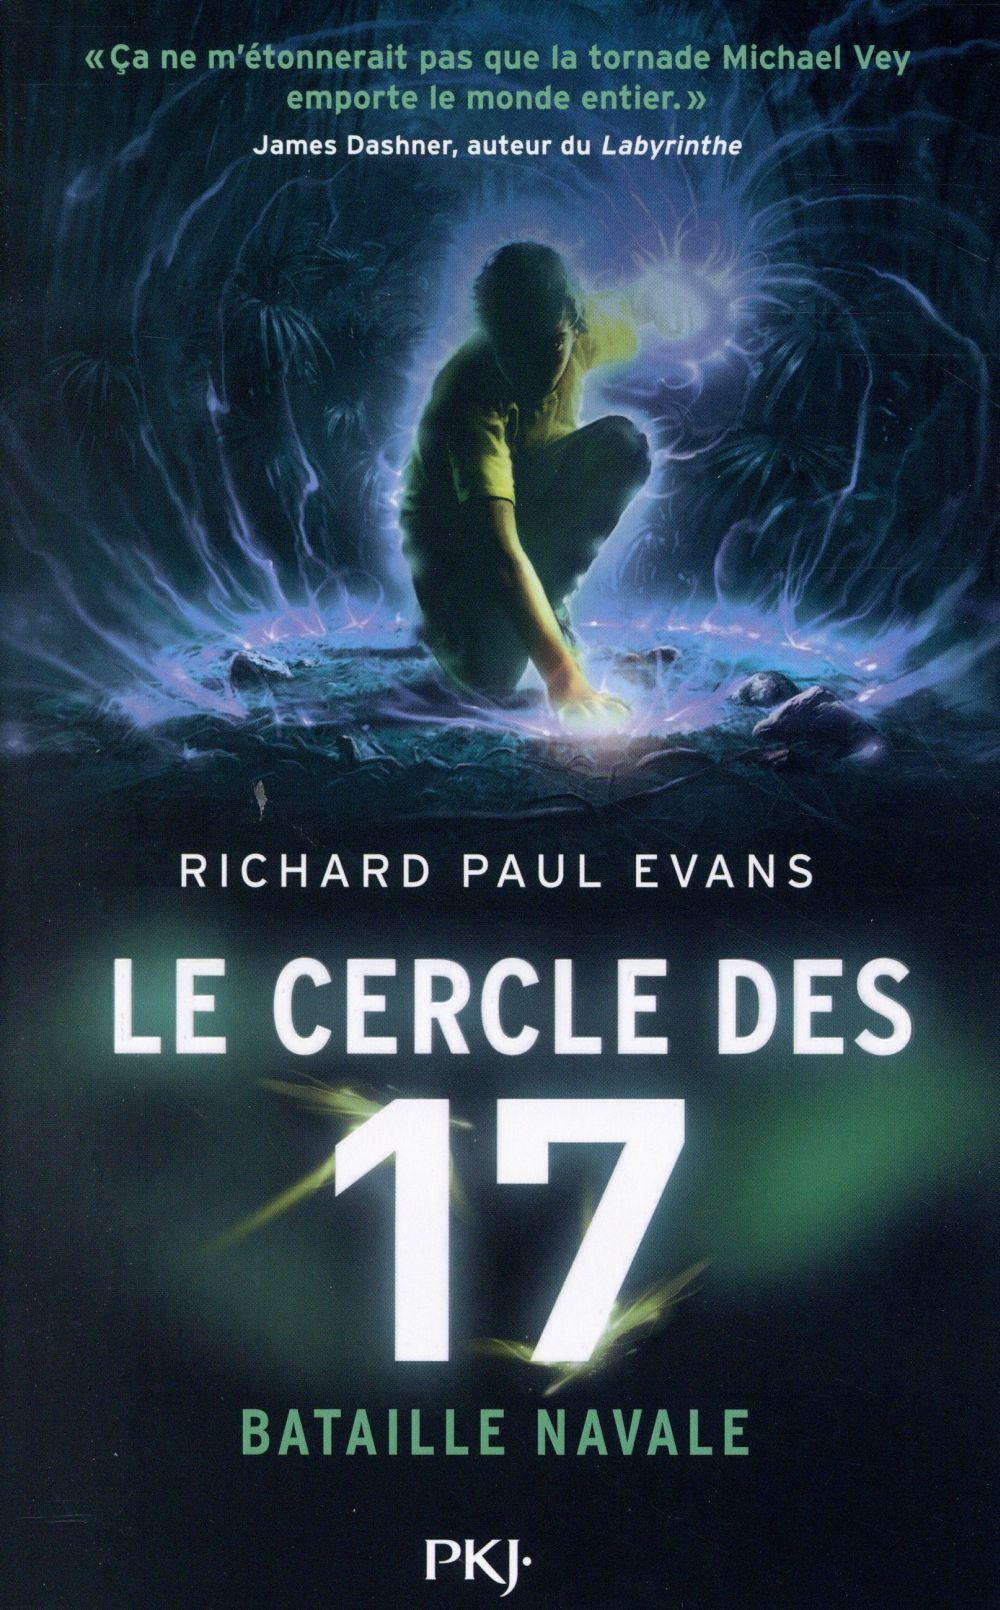 LE CERCLE DES 17 T.3  -  BATAILLE NAVALE EVANS RICHARD PAUL Pocket jeunesse